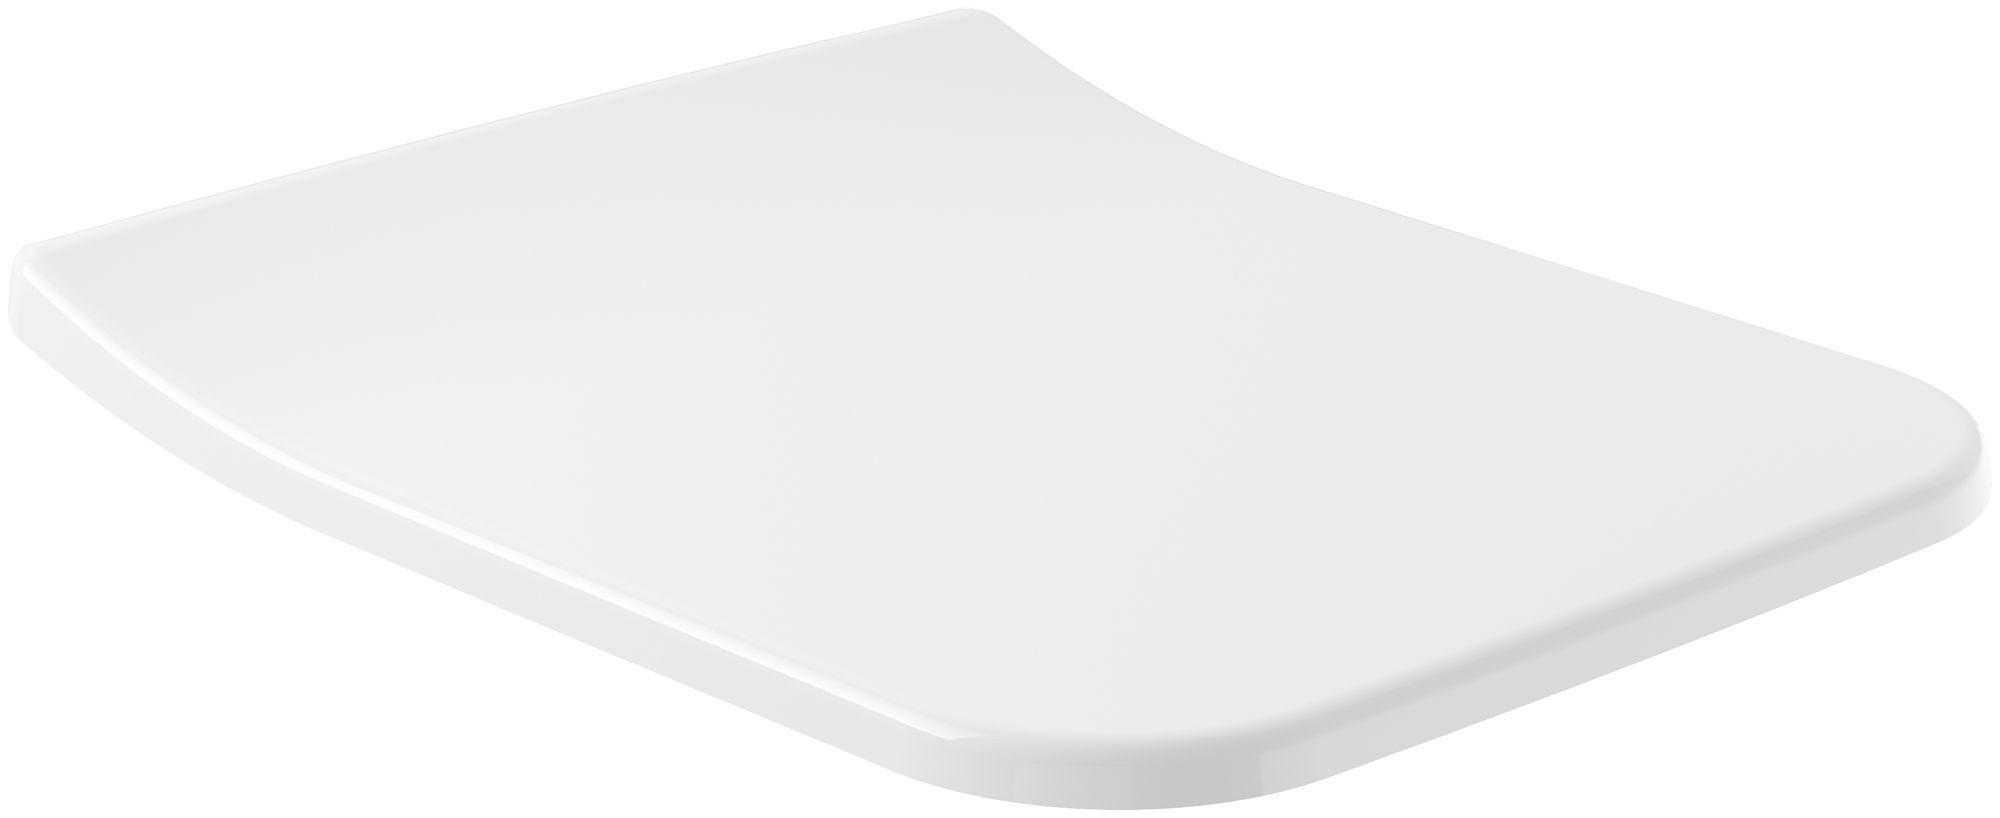 Villeroy & Boch Venticello WC-Sitz SlimSeat T:454 x H:49 x B:379mm mit Absenkautomatik weiß 9M79S101